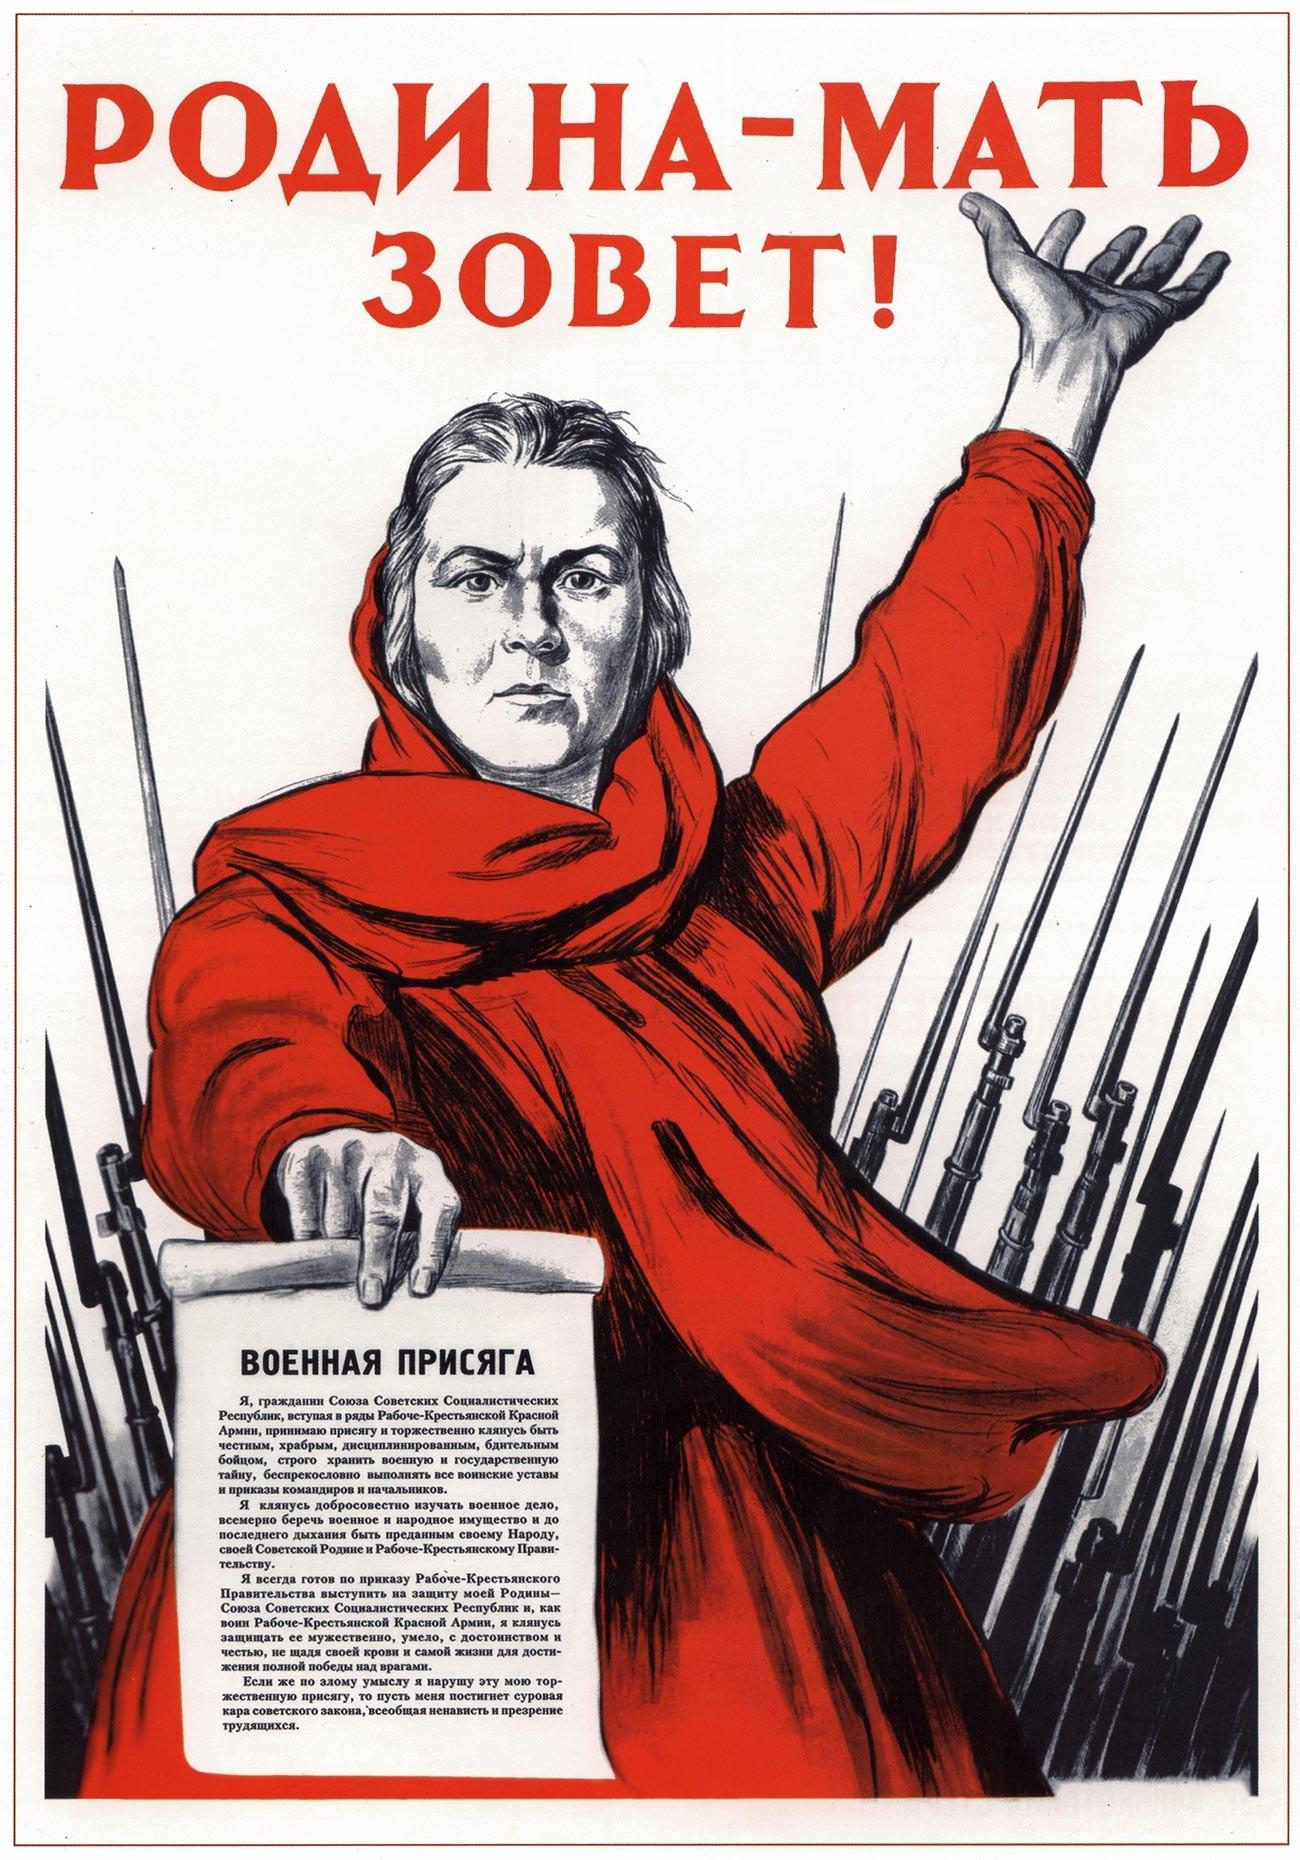 """""""Das Mutterland ruft!"""" ist ein sowjetisches Propagandaplakat aus dem Jahr  1941"""